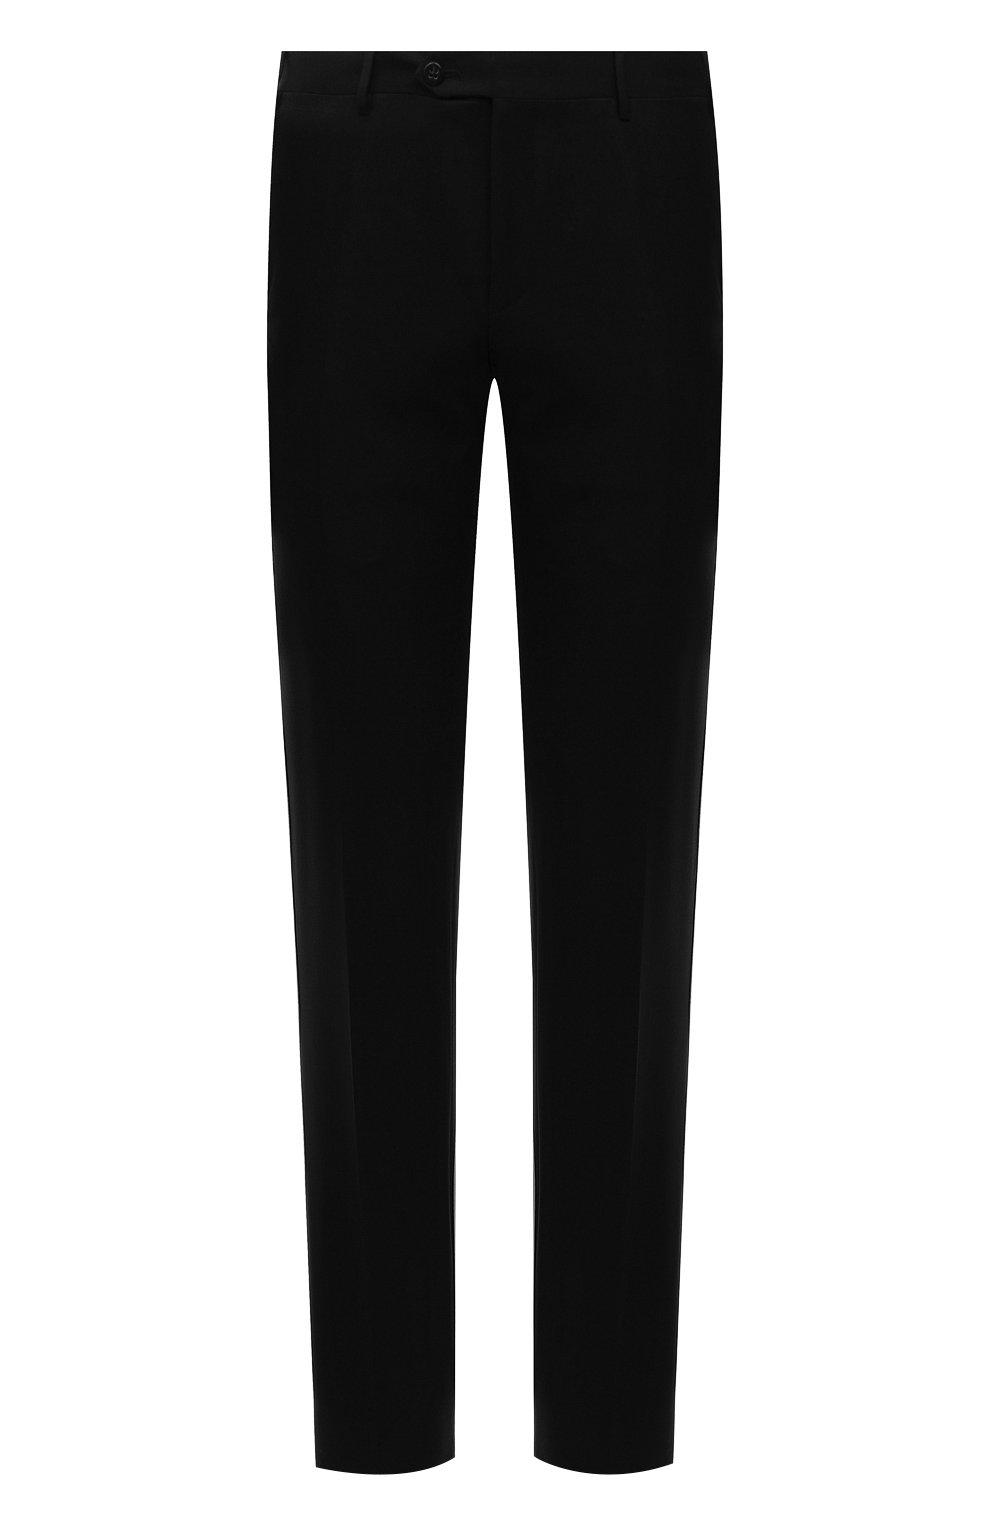 Мужские шерстяные брюки CORNELIANI черного цвета, арт. 885B01-1818111/02   Фото 1 (Материал внешний: Шерсть; Длина (брюки, джинсы): Стандартные; Стили: Классический; Случай: Формальный; Материал подклада: Вискоза)